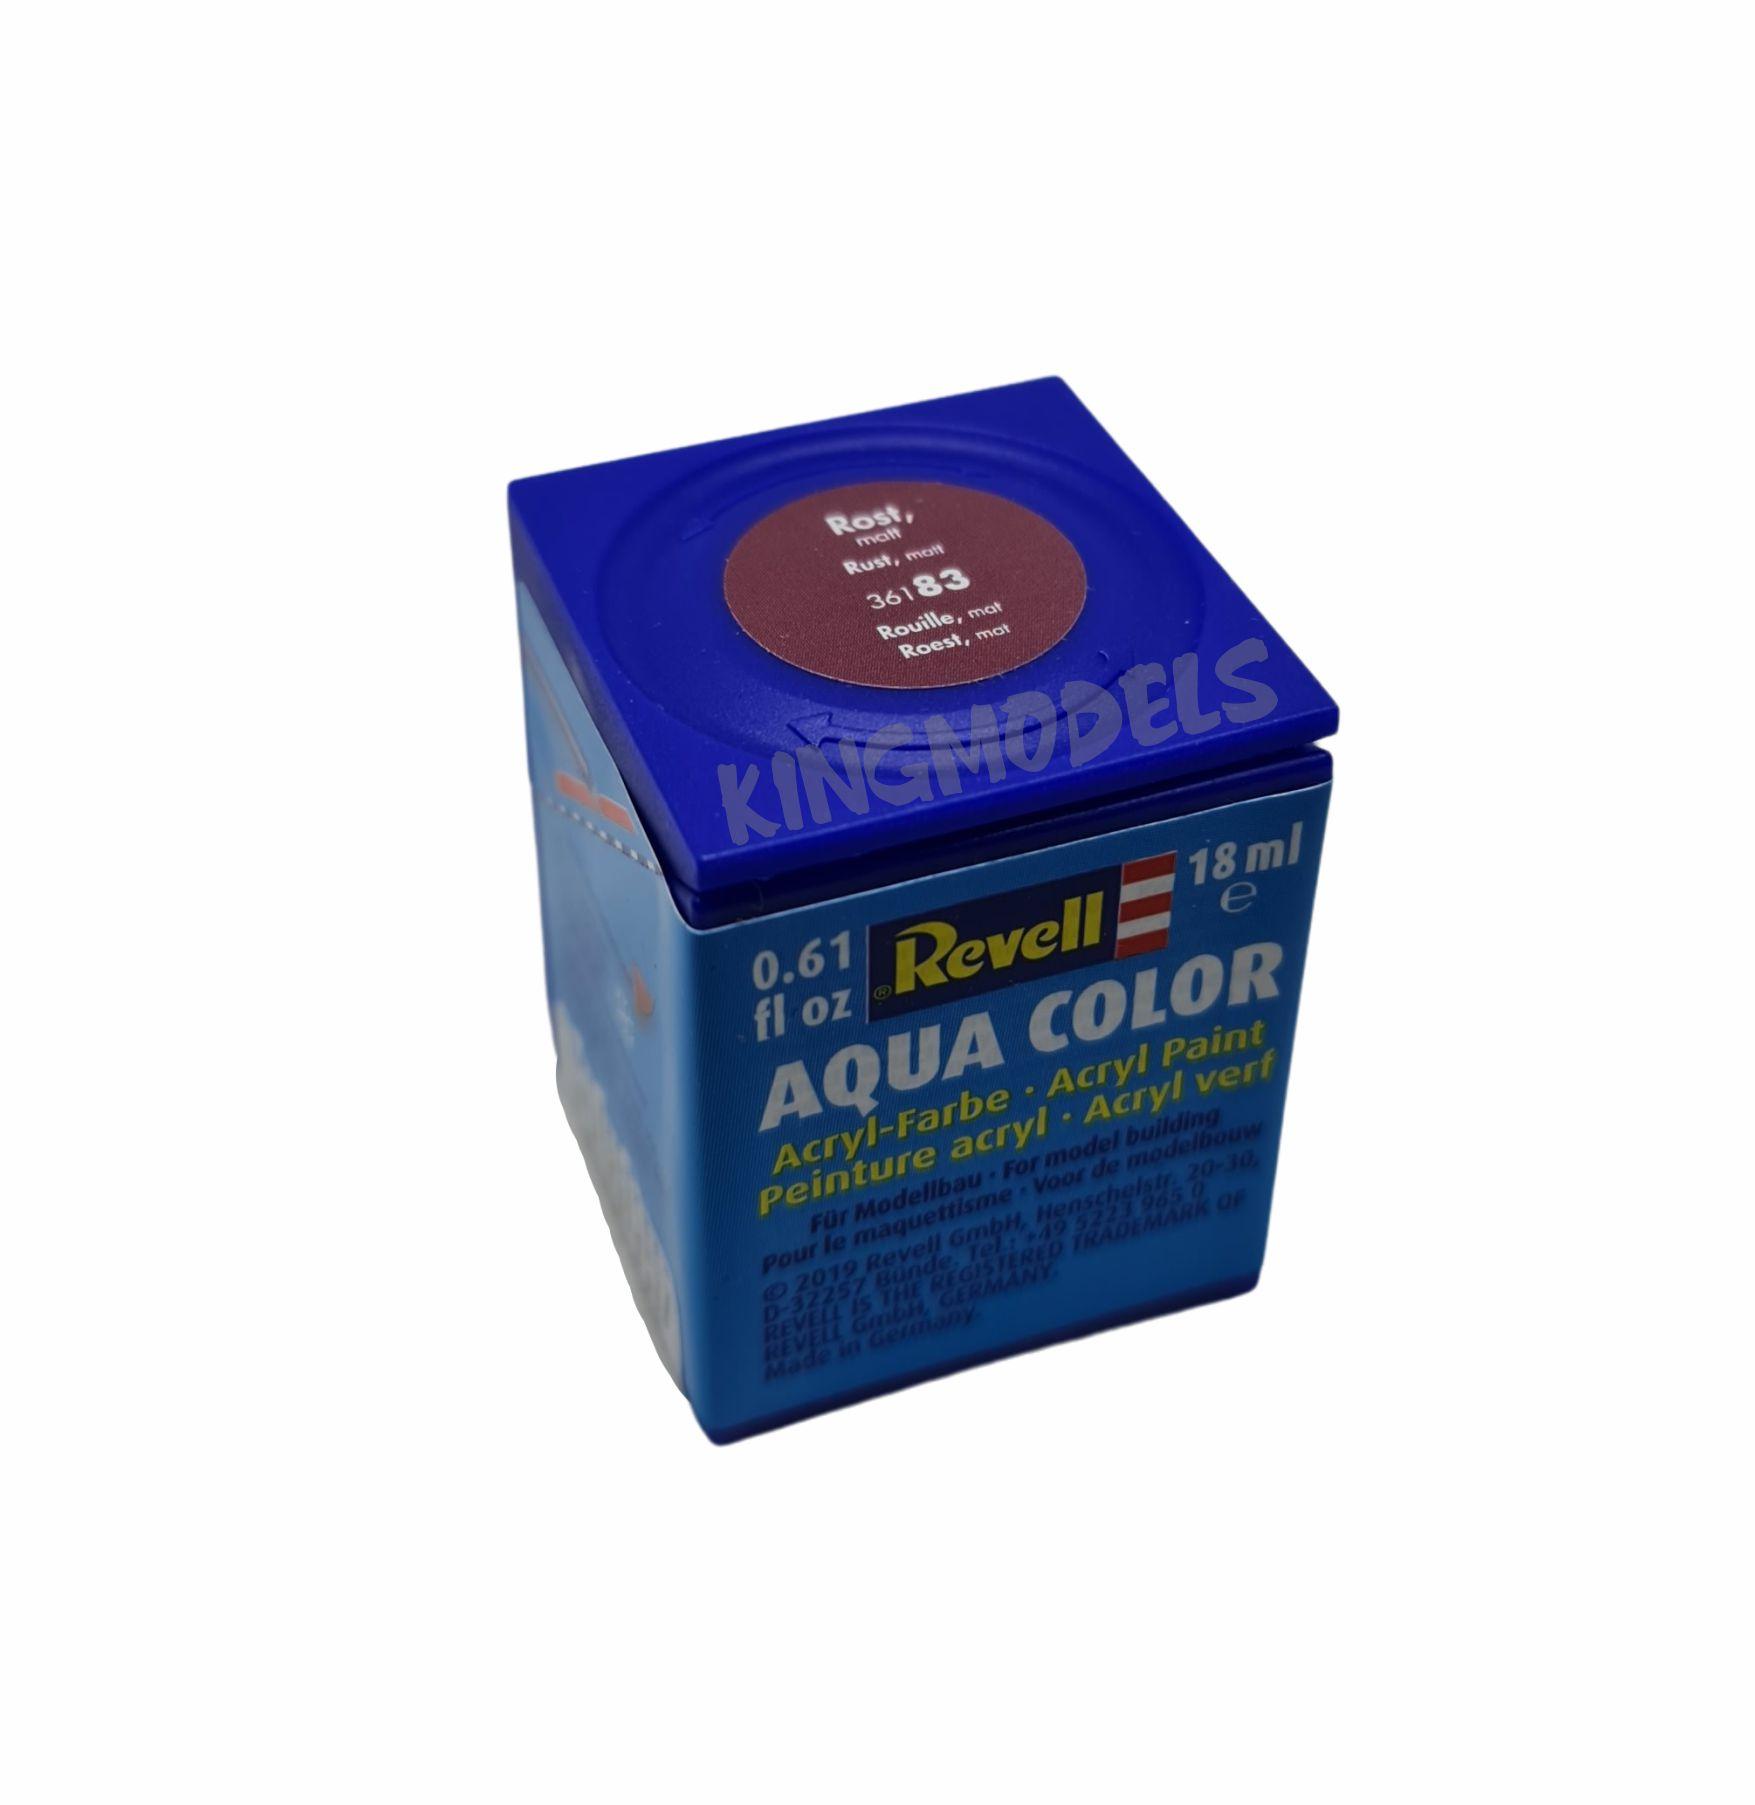 Tinta Revell - Aqua Color - Cód 36183 - Ferrugem F -18ml  - King Models